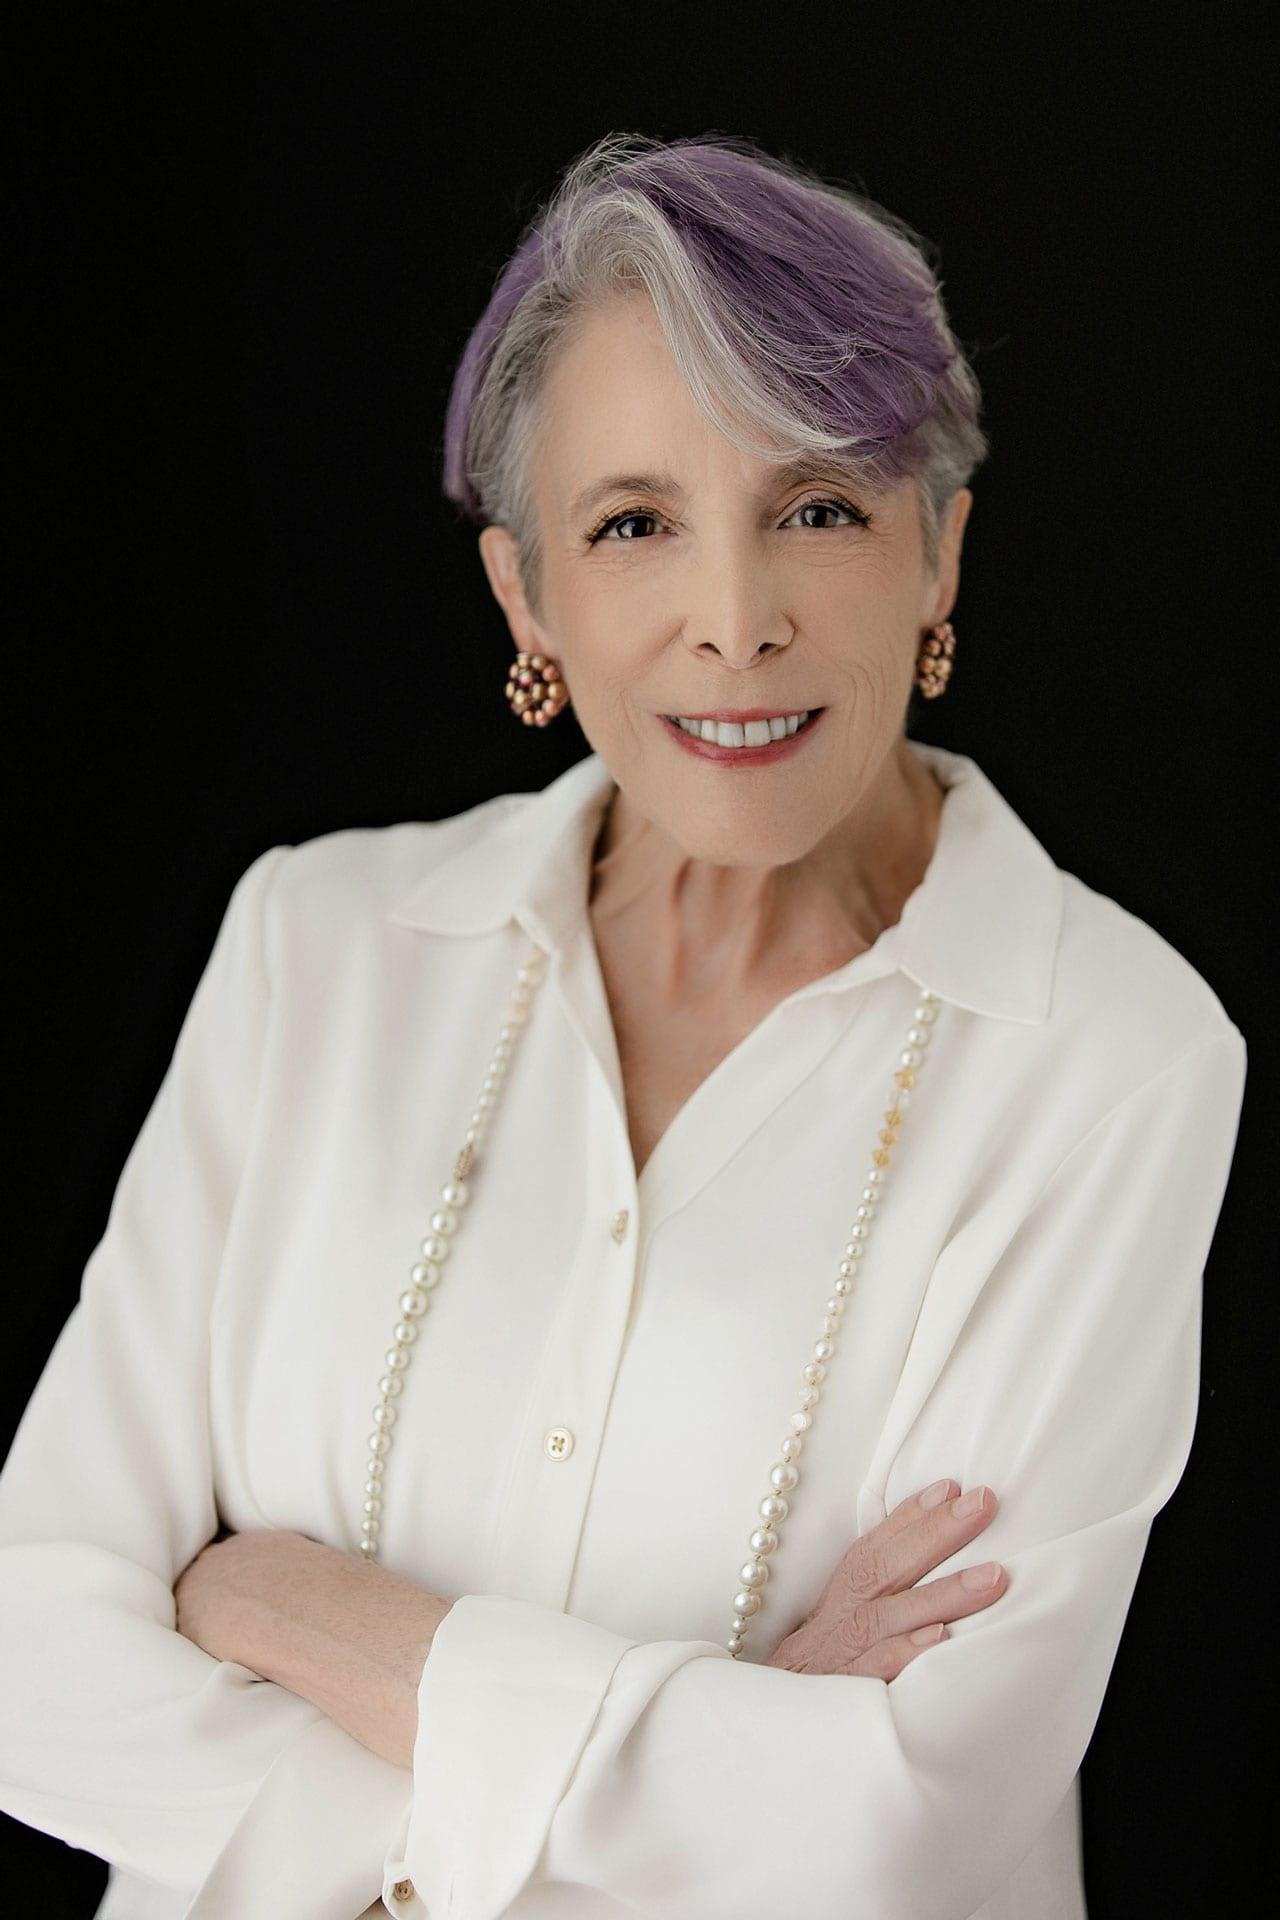 About Susan Soffer Cohn